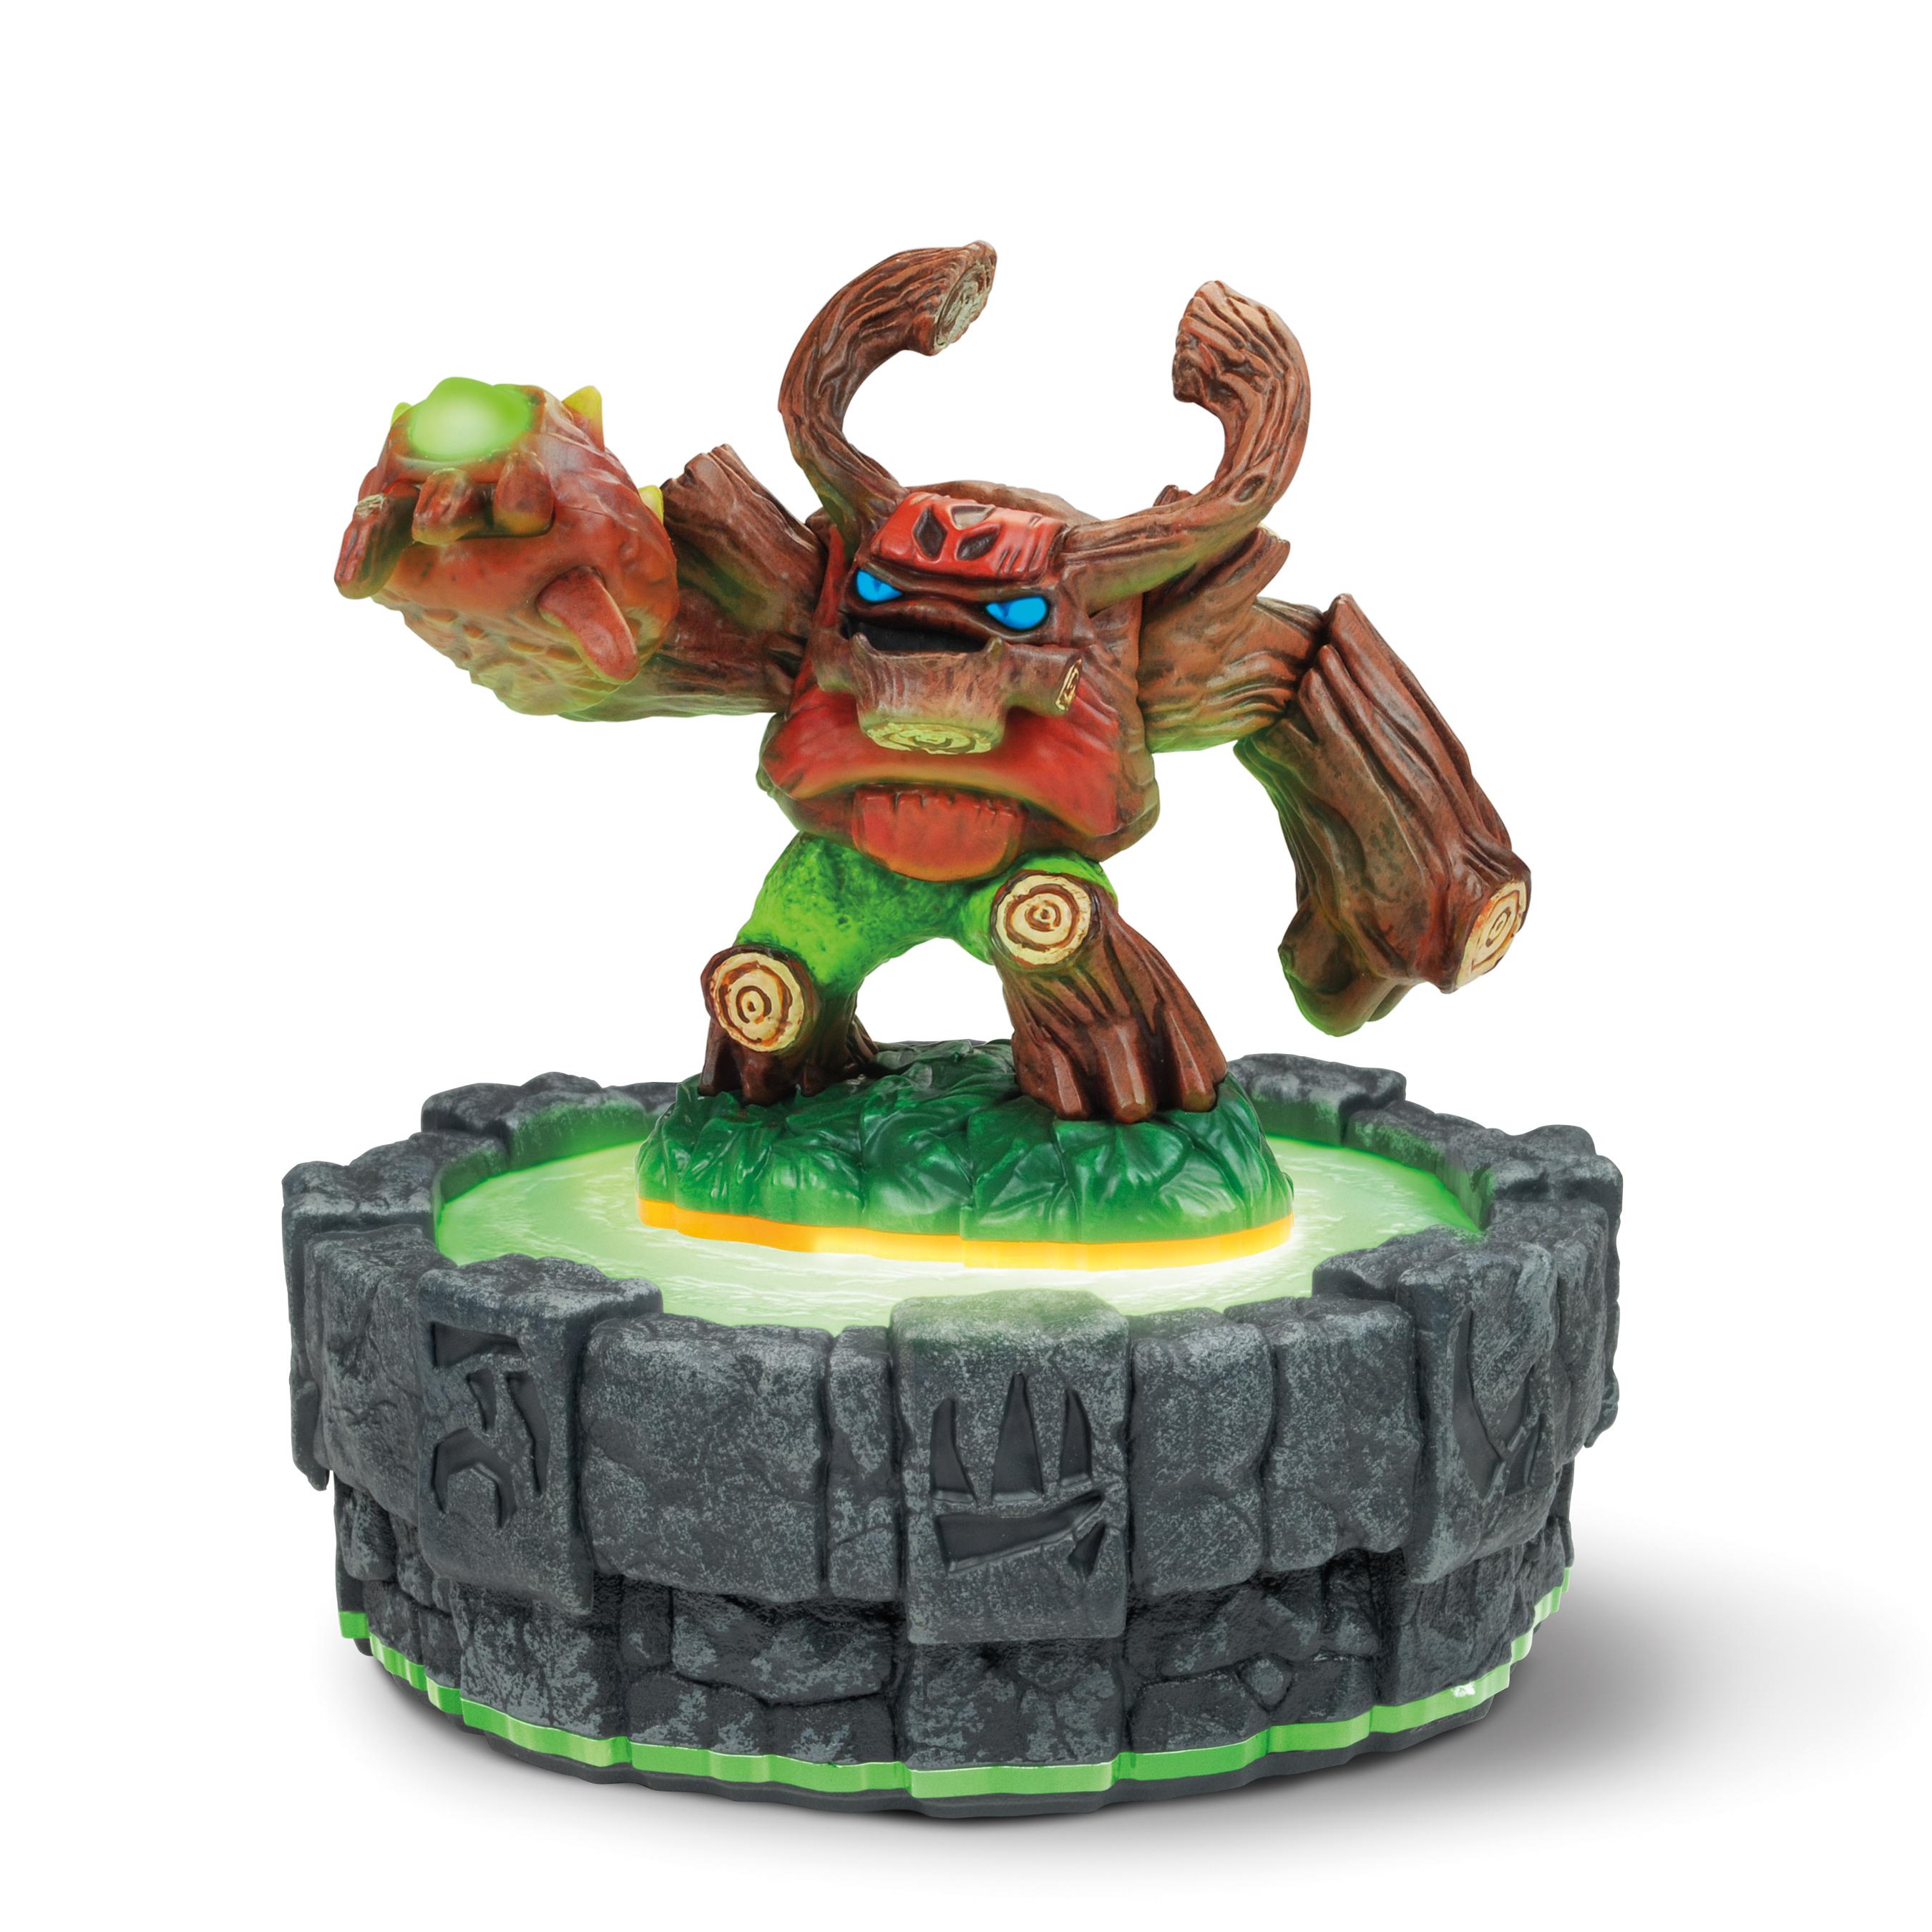 Skylanders_Giants_Tree_Rex_Toy_on_Portal_001